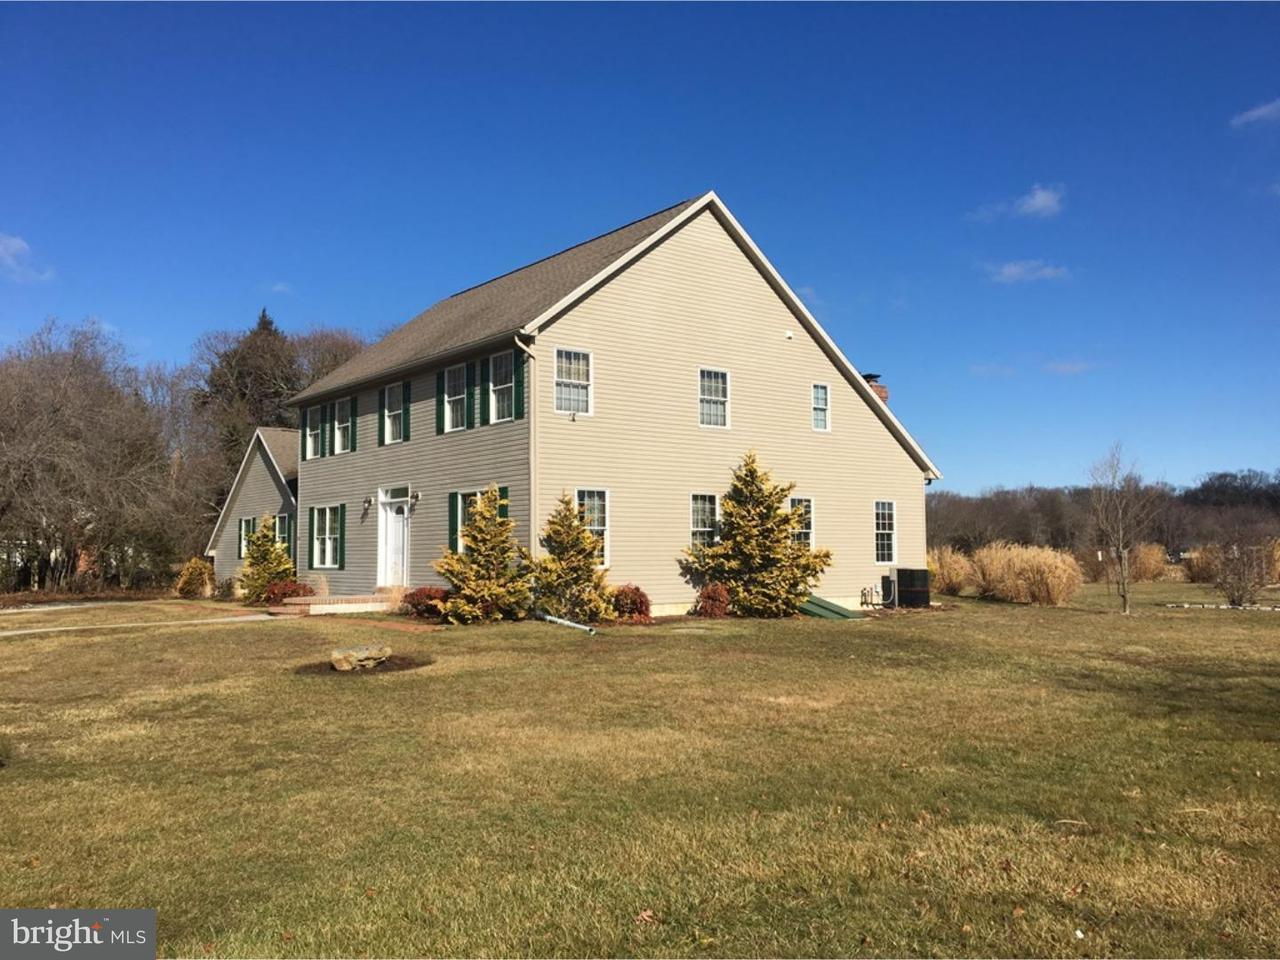 Maison unifamiliale pour l Vente à 1225 ELK Road Monroeville, New Jersey 08343 États-Unis